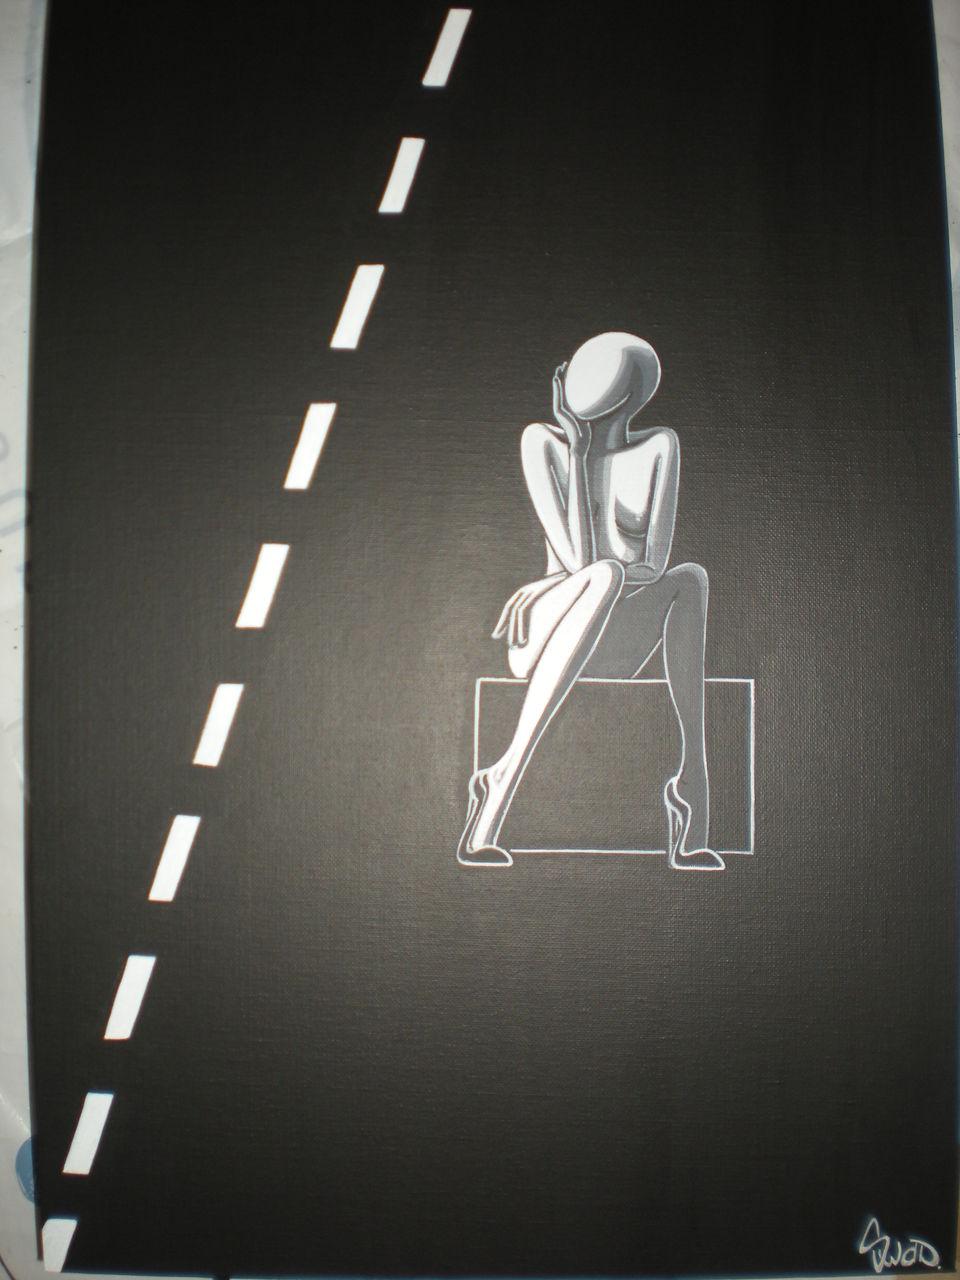 souad halima-rihoum dit SWAD en tant qu'artiste sur la route